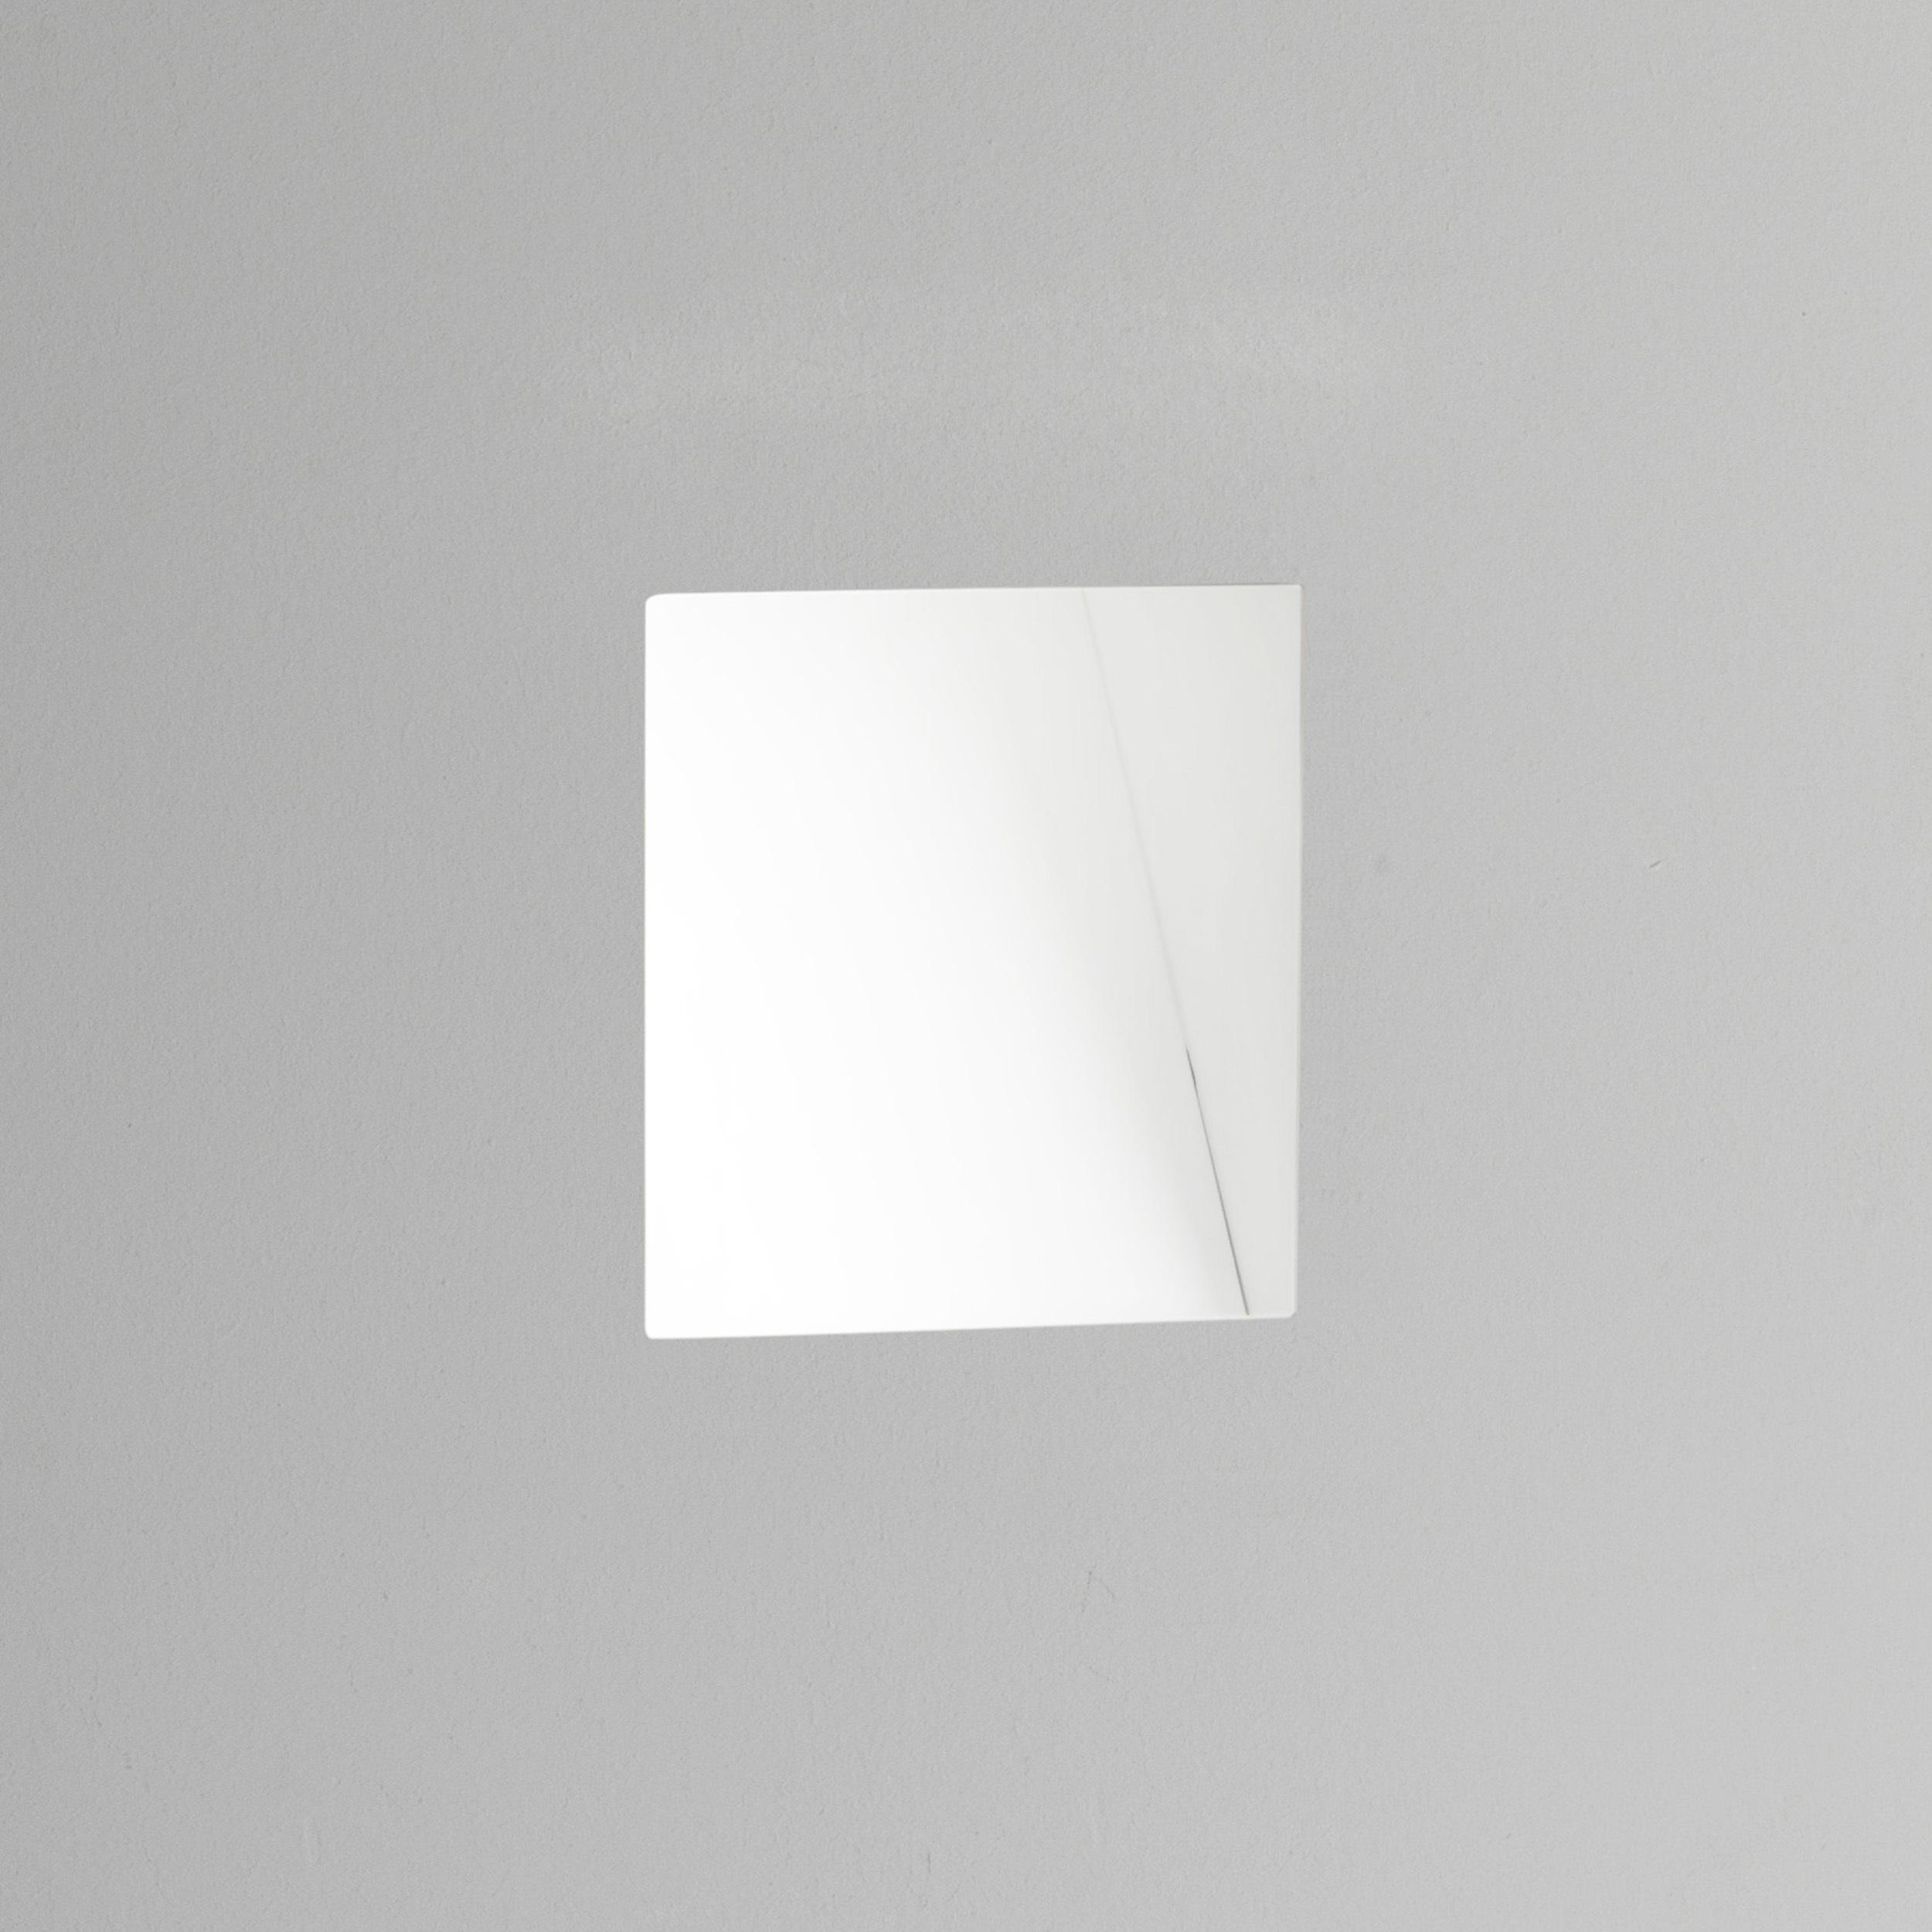 Встраиваемый настенный светодиодный светильник Astro Borgo Trimless 1212042 (7842), LED 2W, 2700K (теплый), белый, металл - фото 1